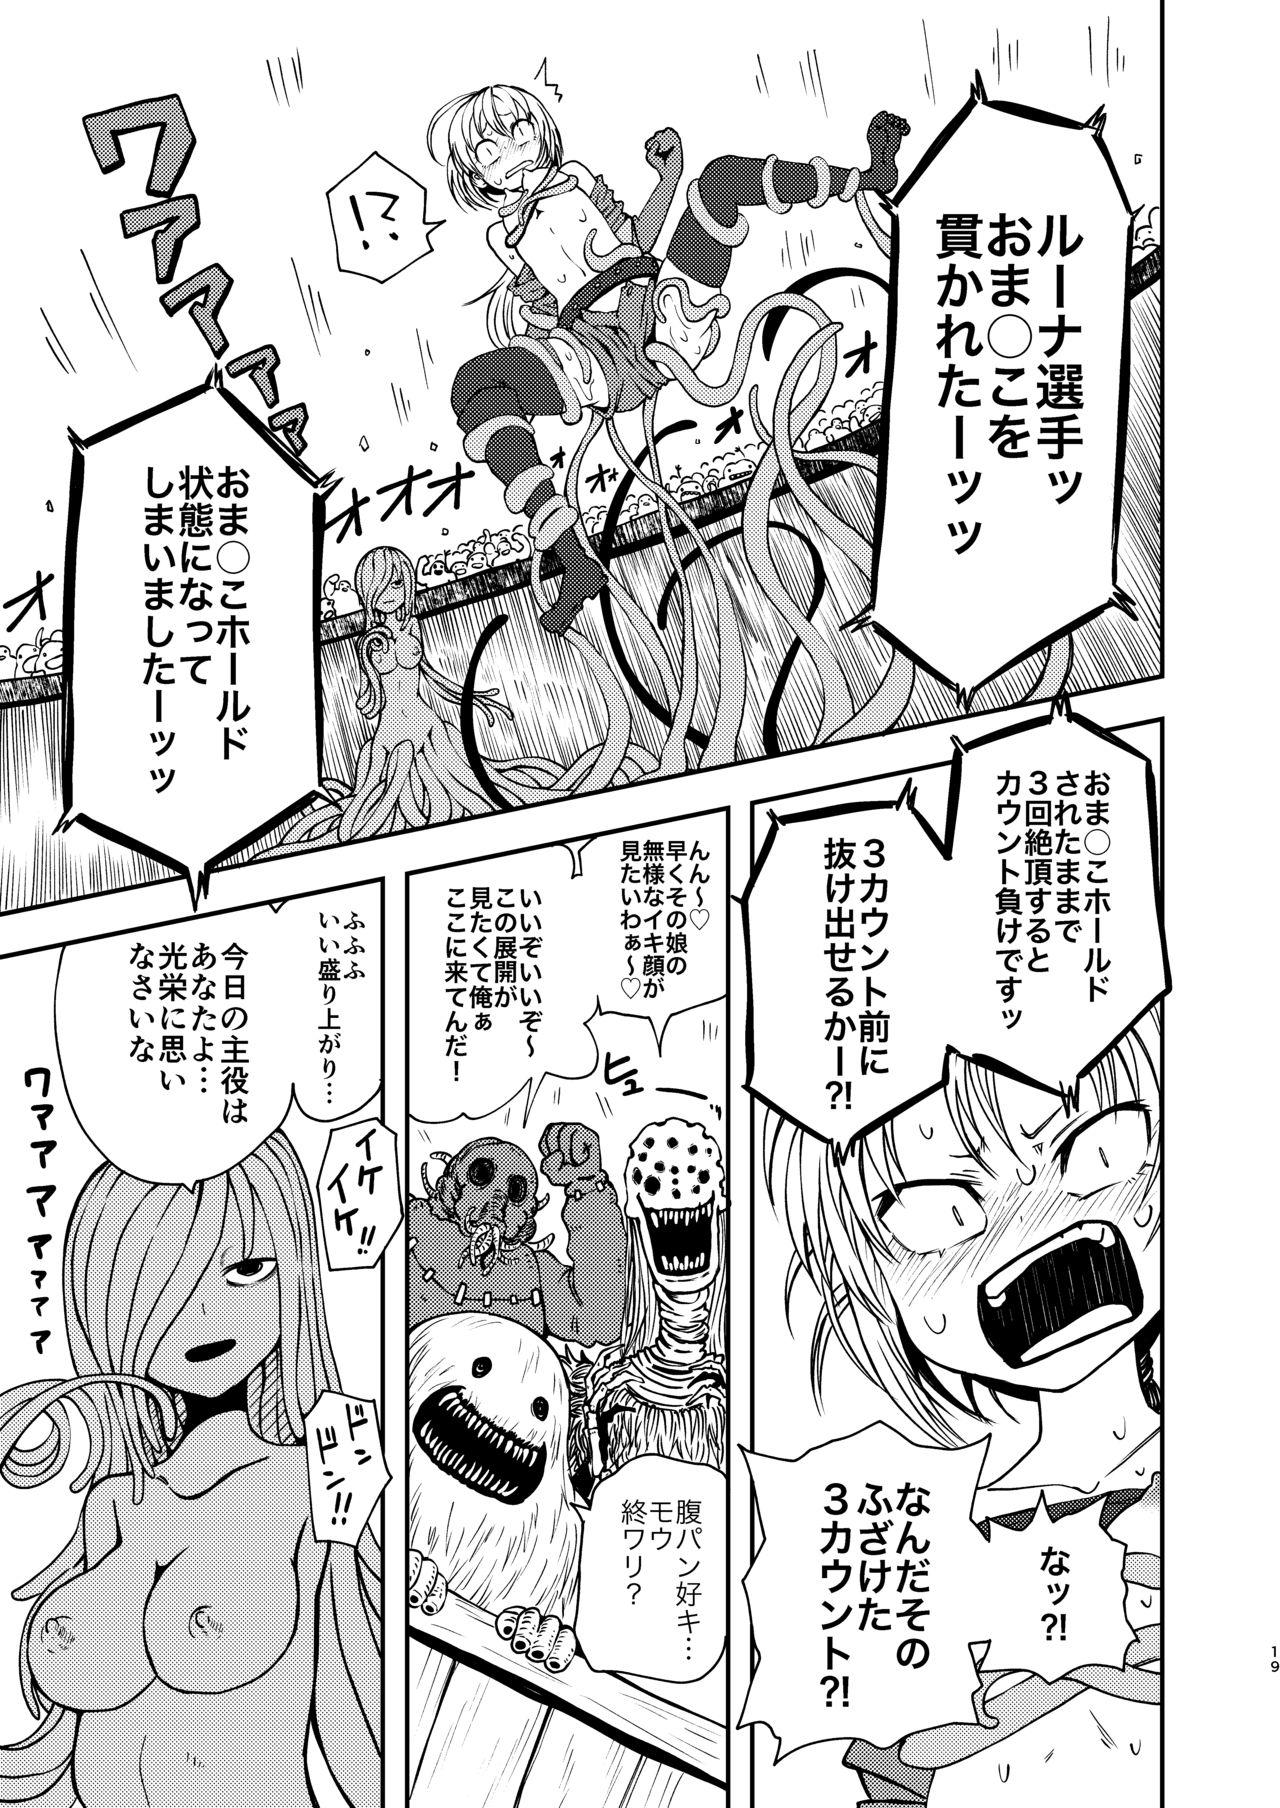 Tada no Onna Boukensha ga Tougijou ni Sanka Shita Kekka Lv 99 no Monster-san ni Bokoboko ni Saremashita 17